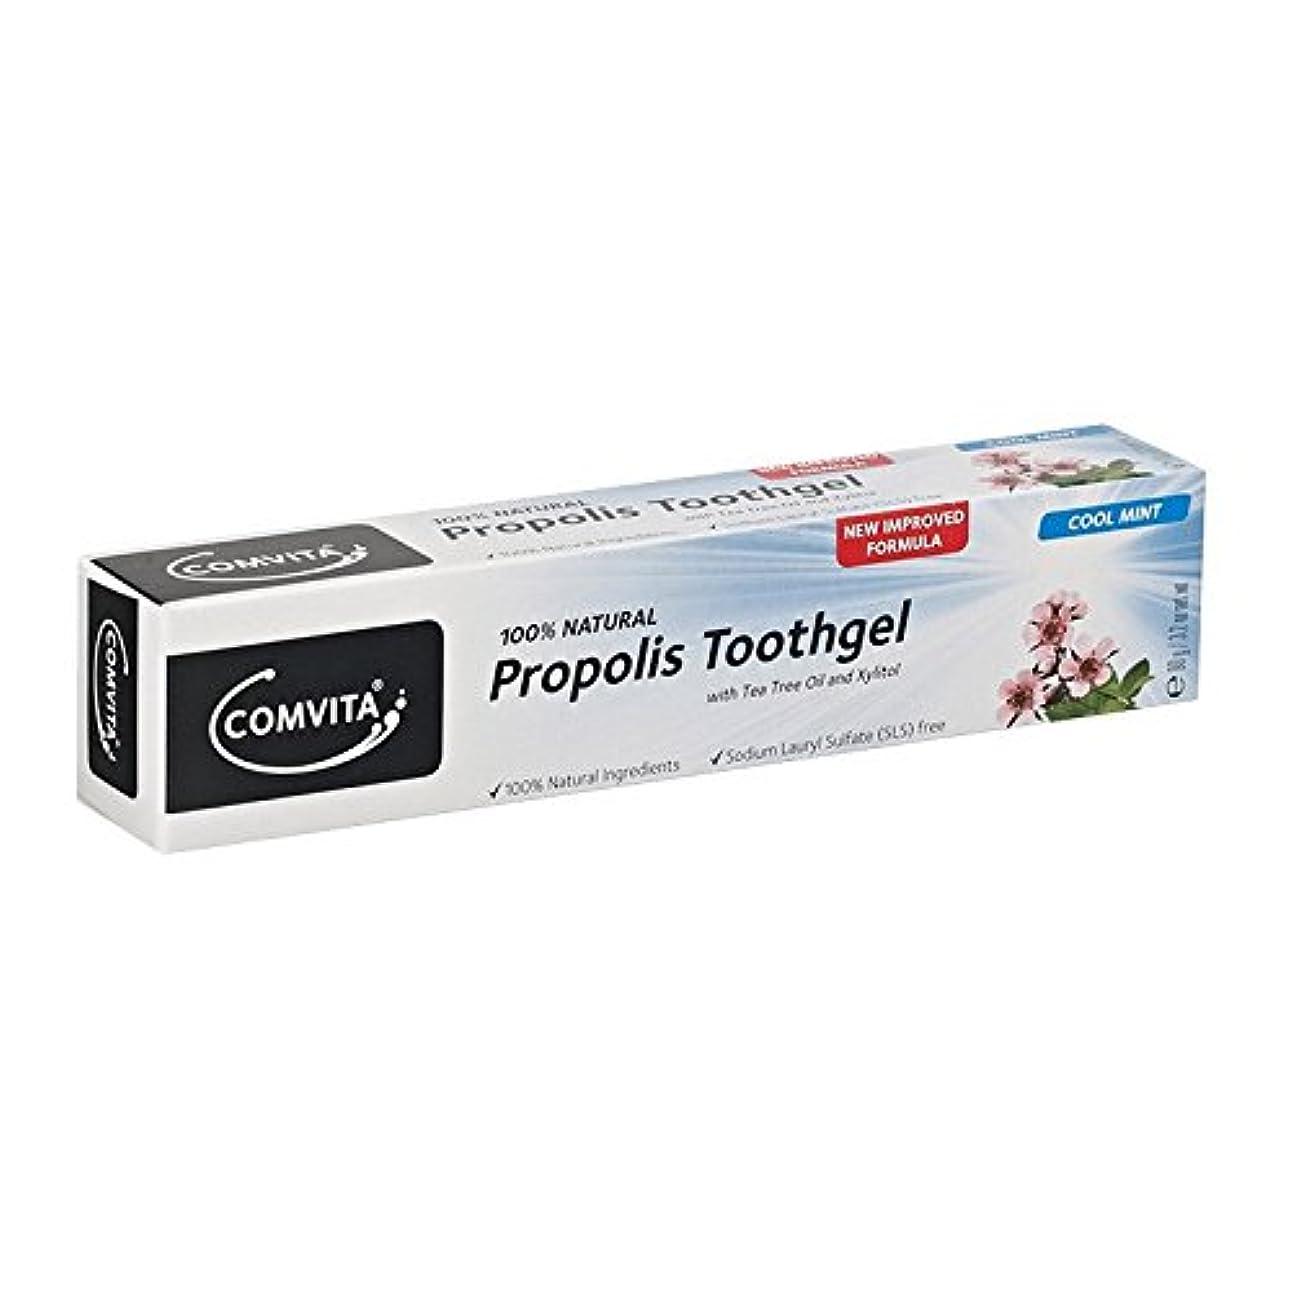 サイクロプス息を切らしてトラクターコンビタ100天然プロポリスToothgel - Comvita 100 Natural Propolis Toothgel (Comvita) [並行輸入品]